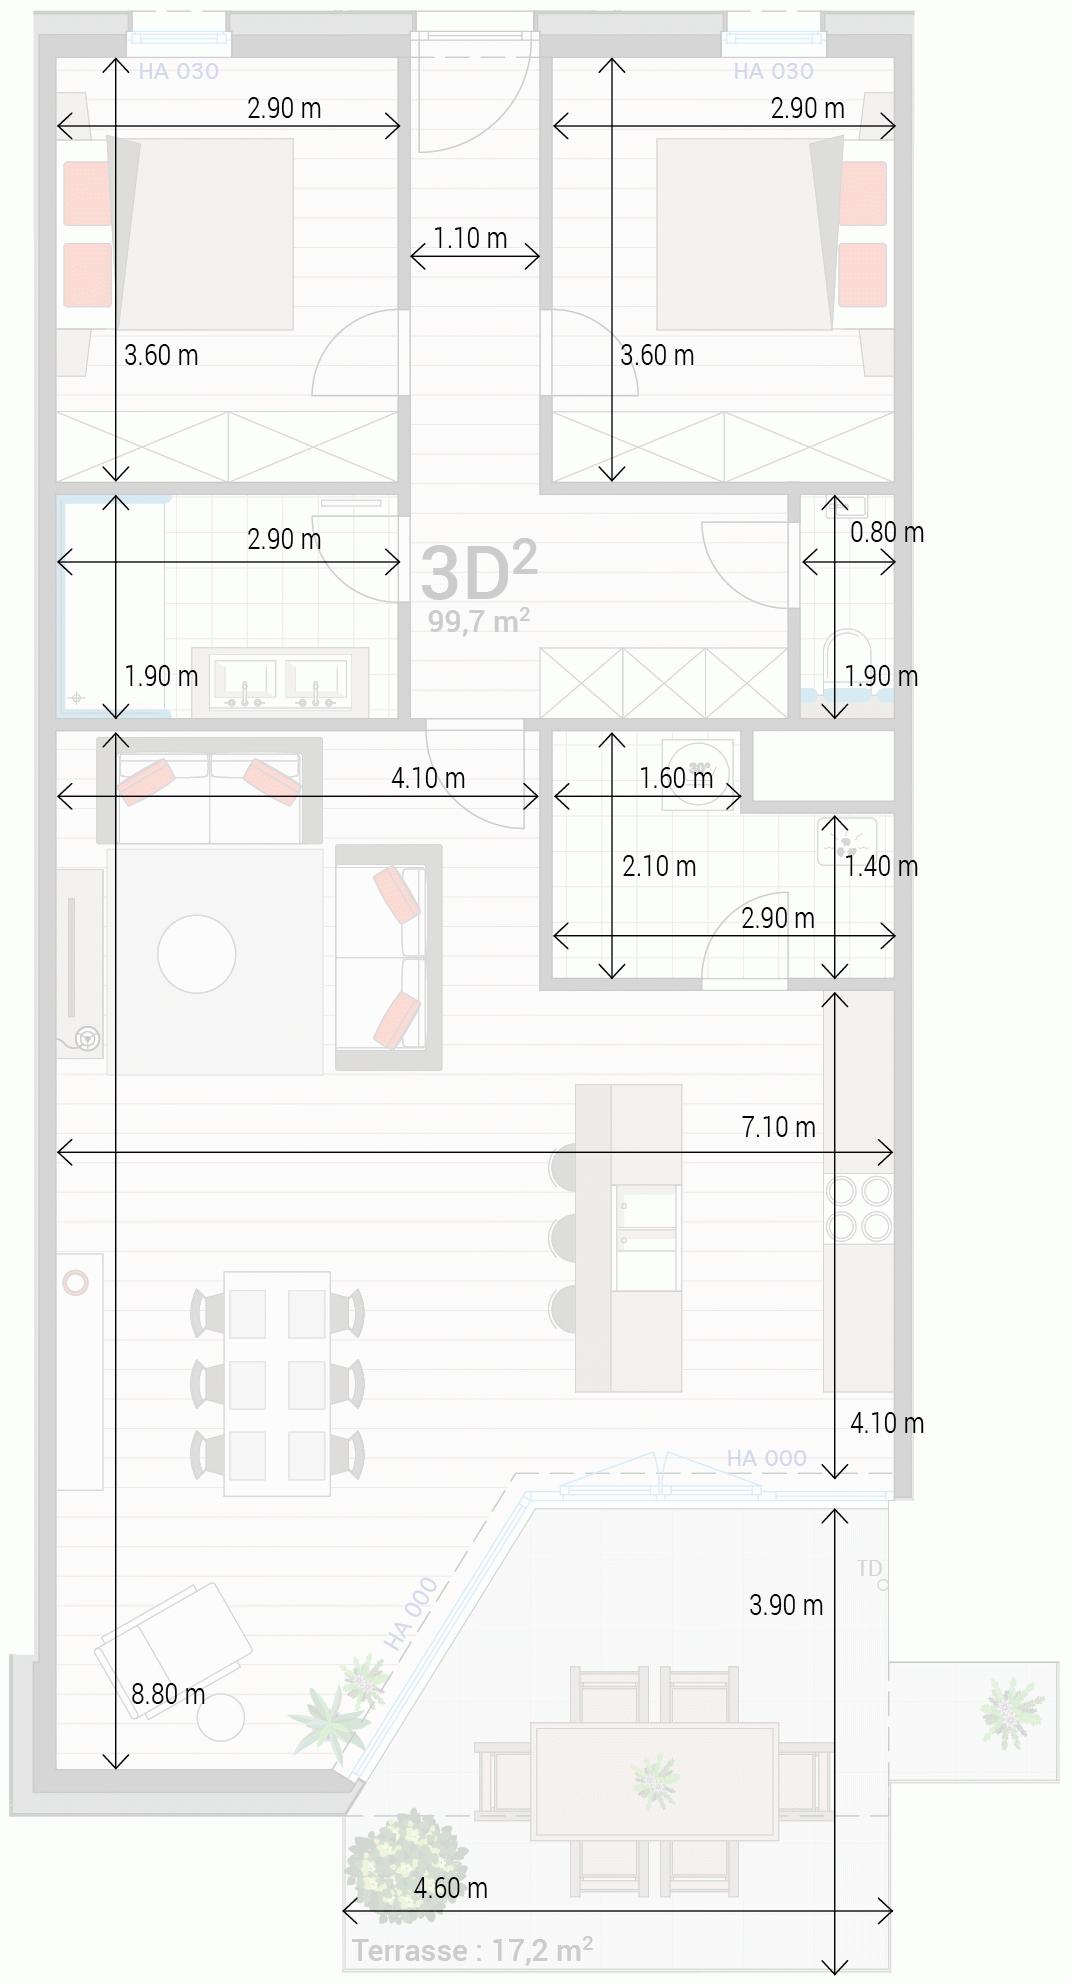 Appartement 3D